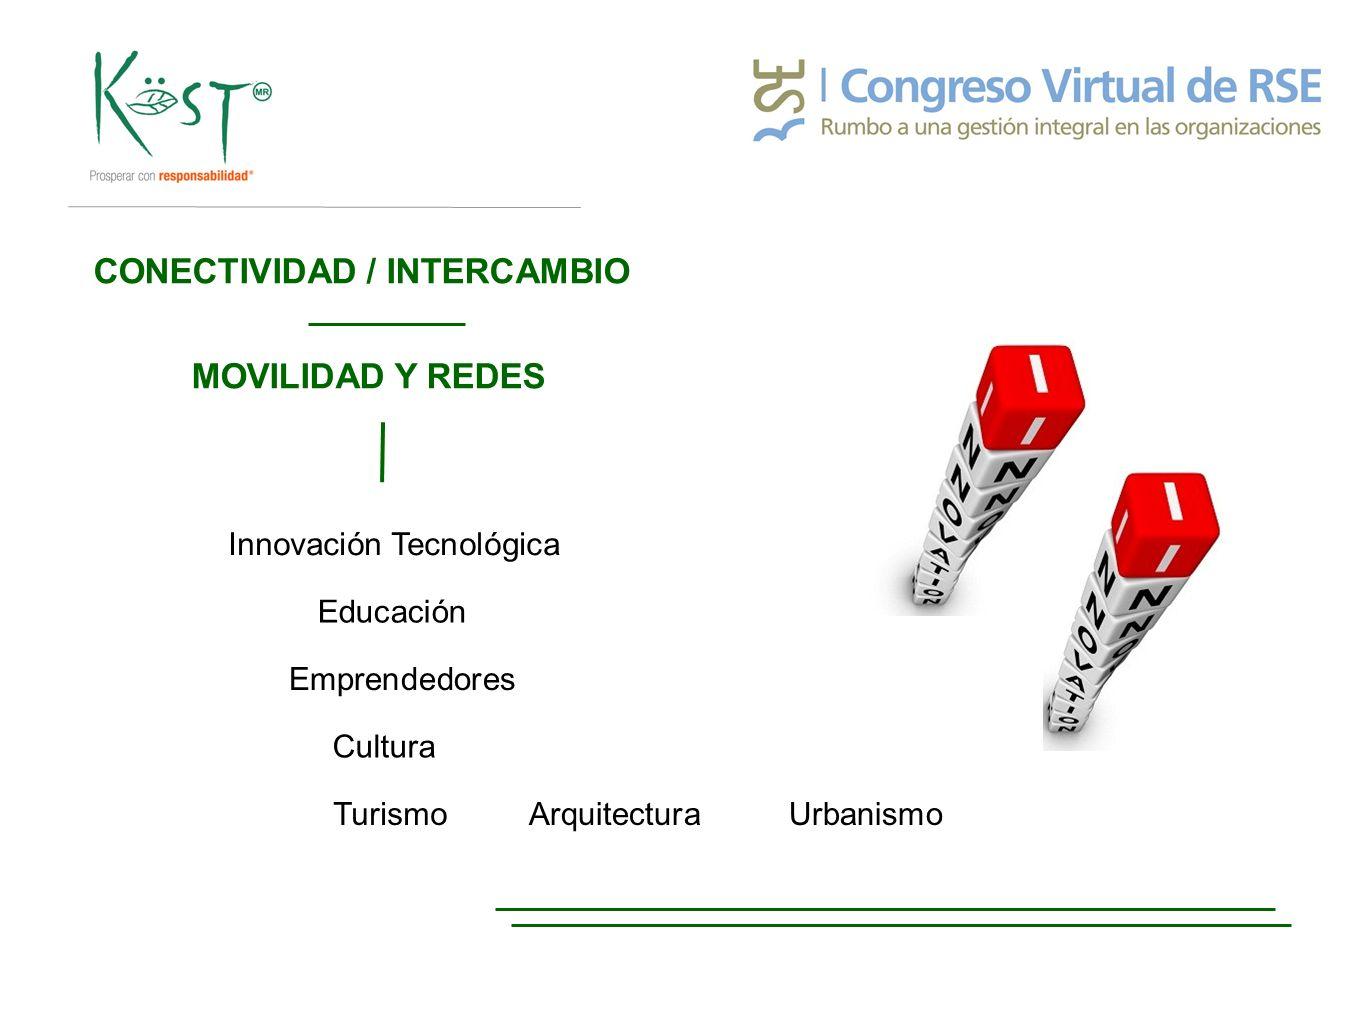 Mensaje de Innovación Permea = Fortaleciendo el tejido social de las mismas Visión progresista Talento Capital Humano Liderazgo Creatividad Competitividad Internacionalización Desarrollo Sostenible